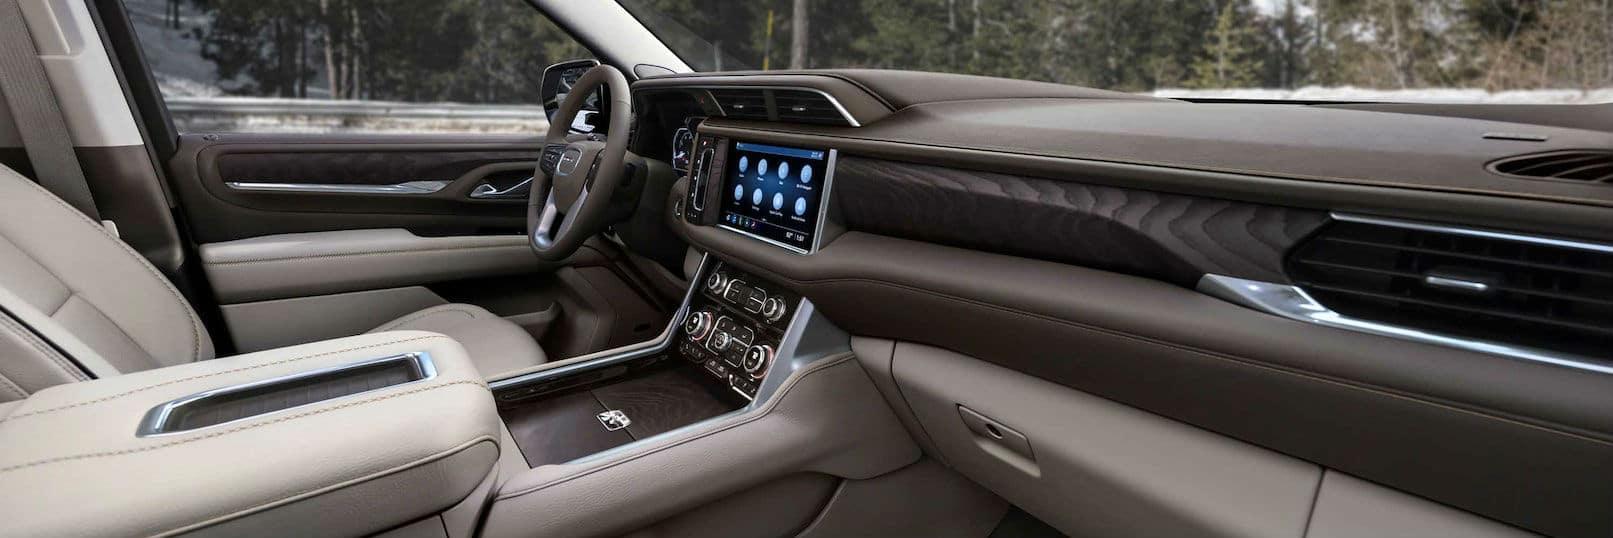 2021 GMC Yukon Denali Interior Cabin Dashboard